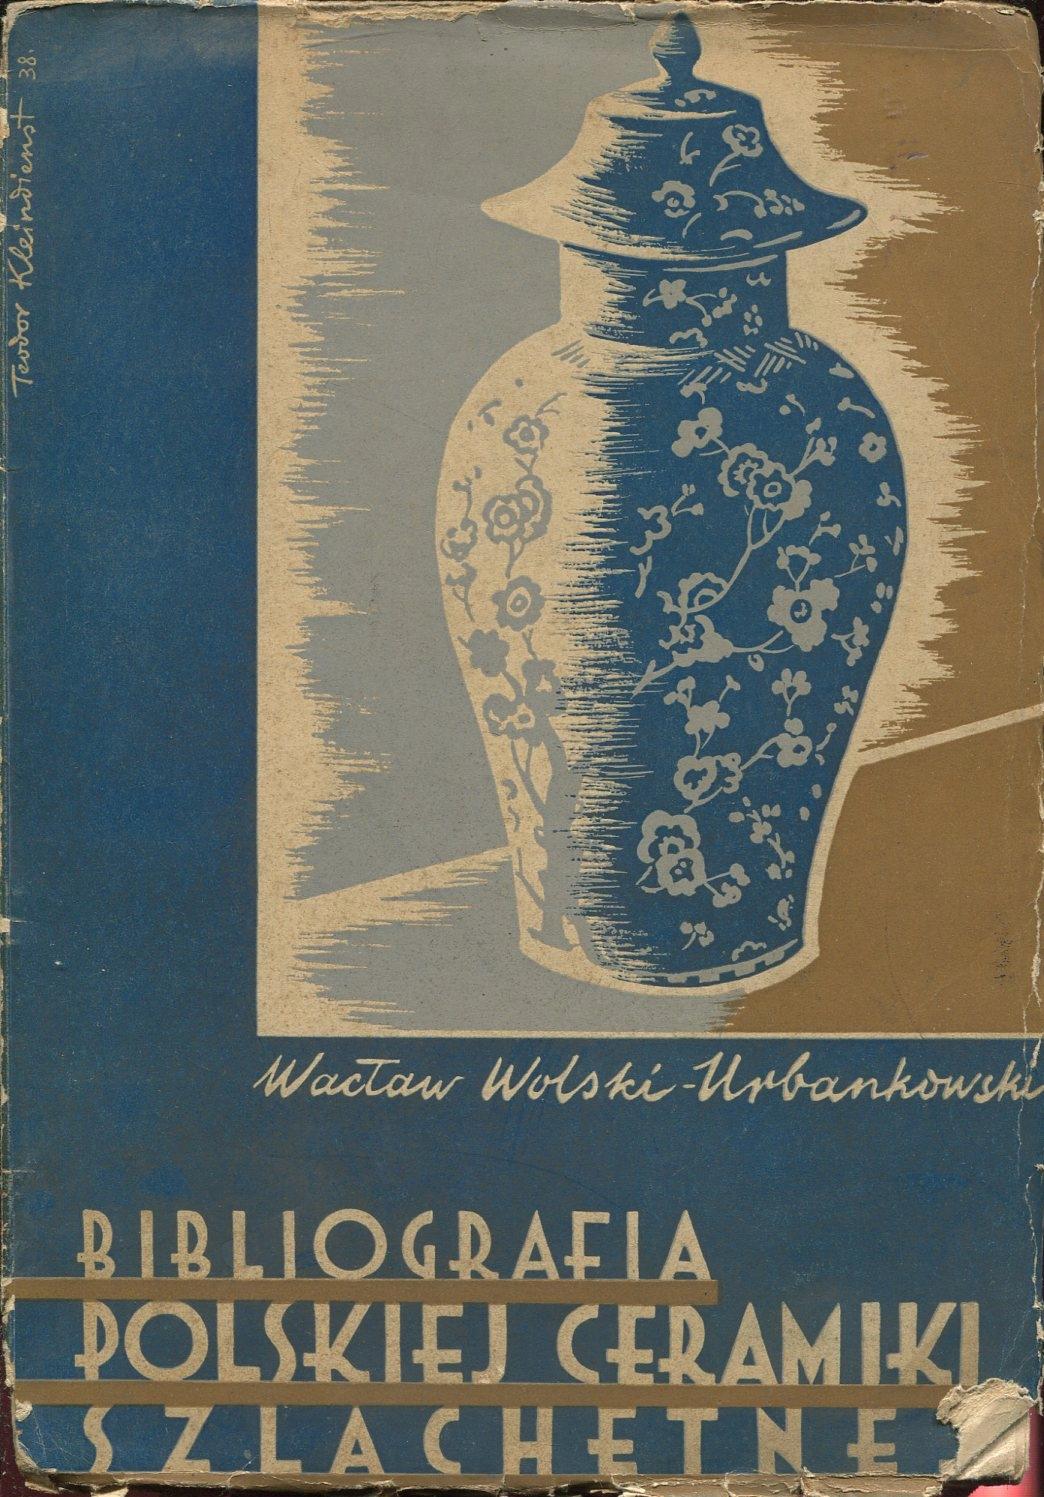 BIBLIOGRAFIA POLSKIEJ CERAMIKI SZLACHETNEJ 1938